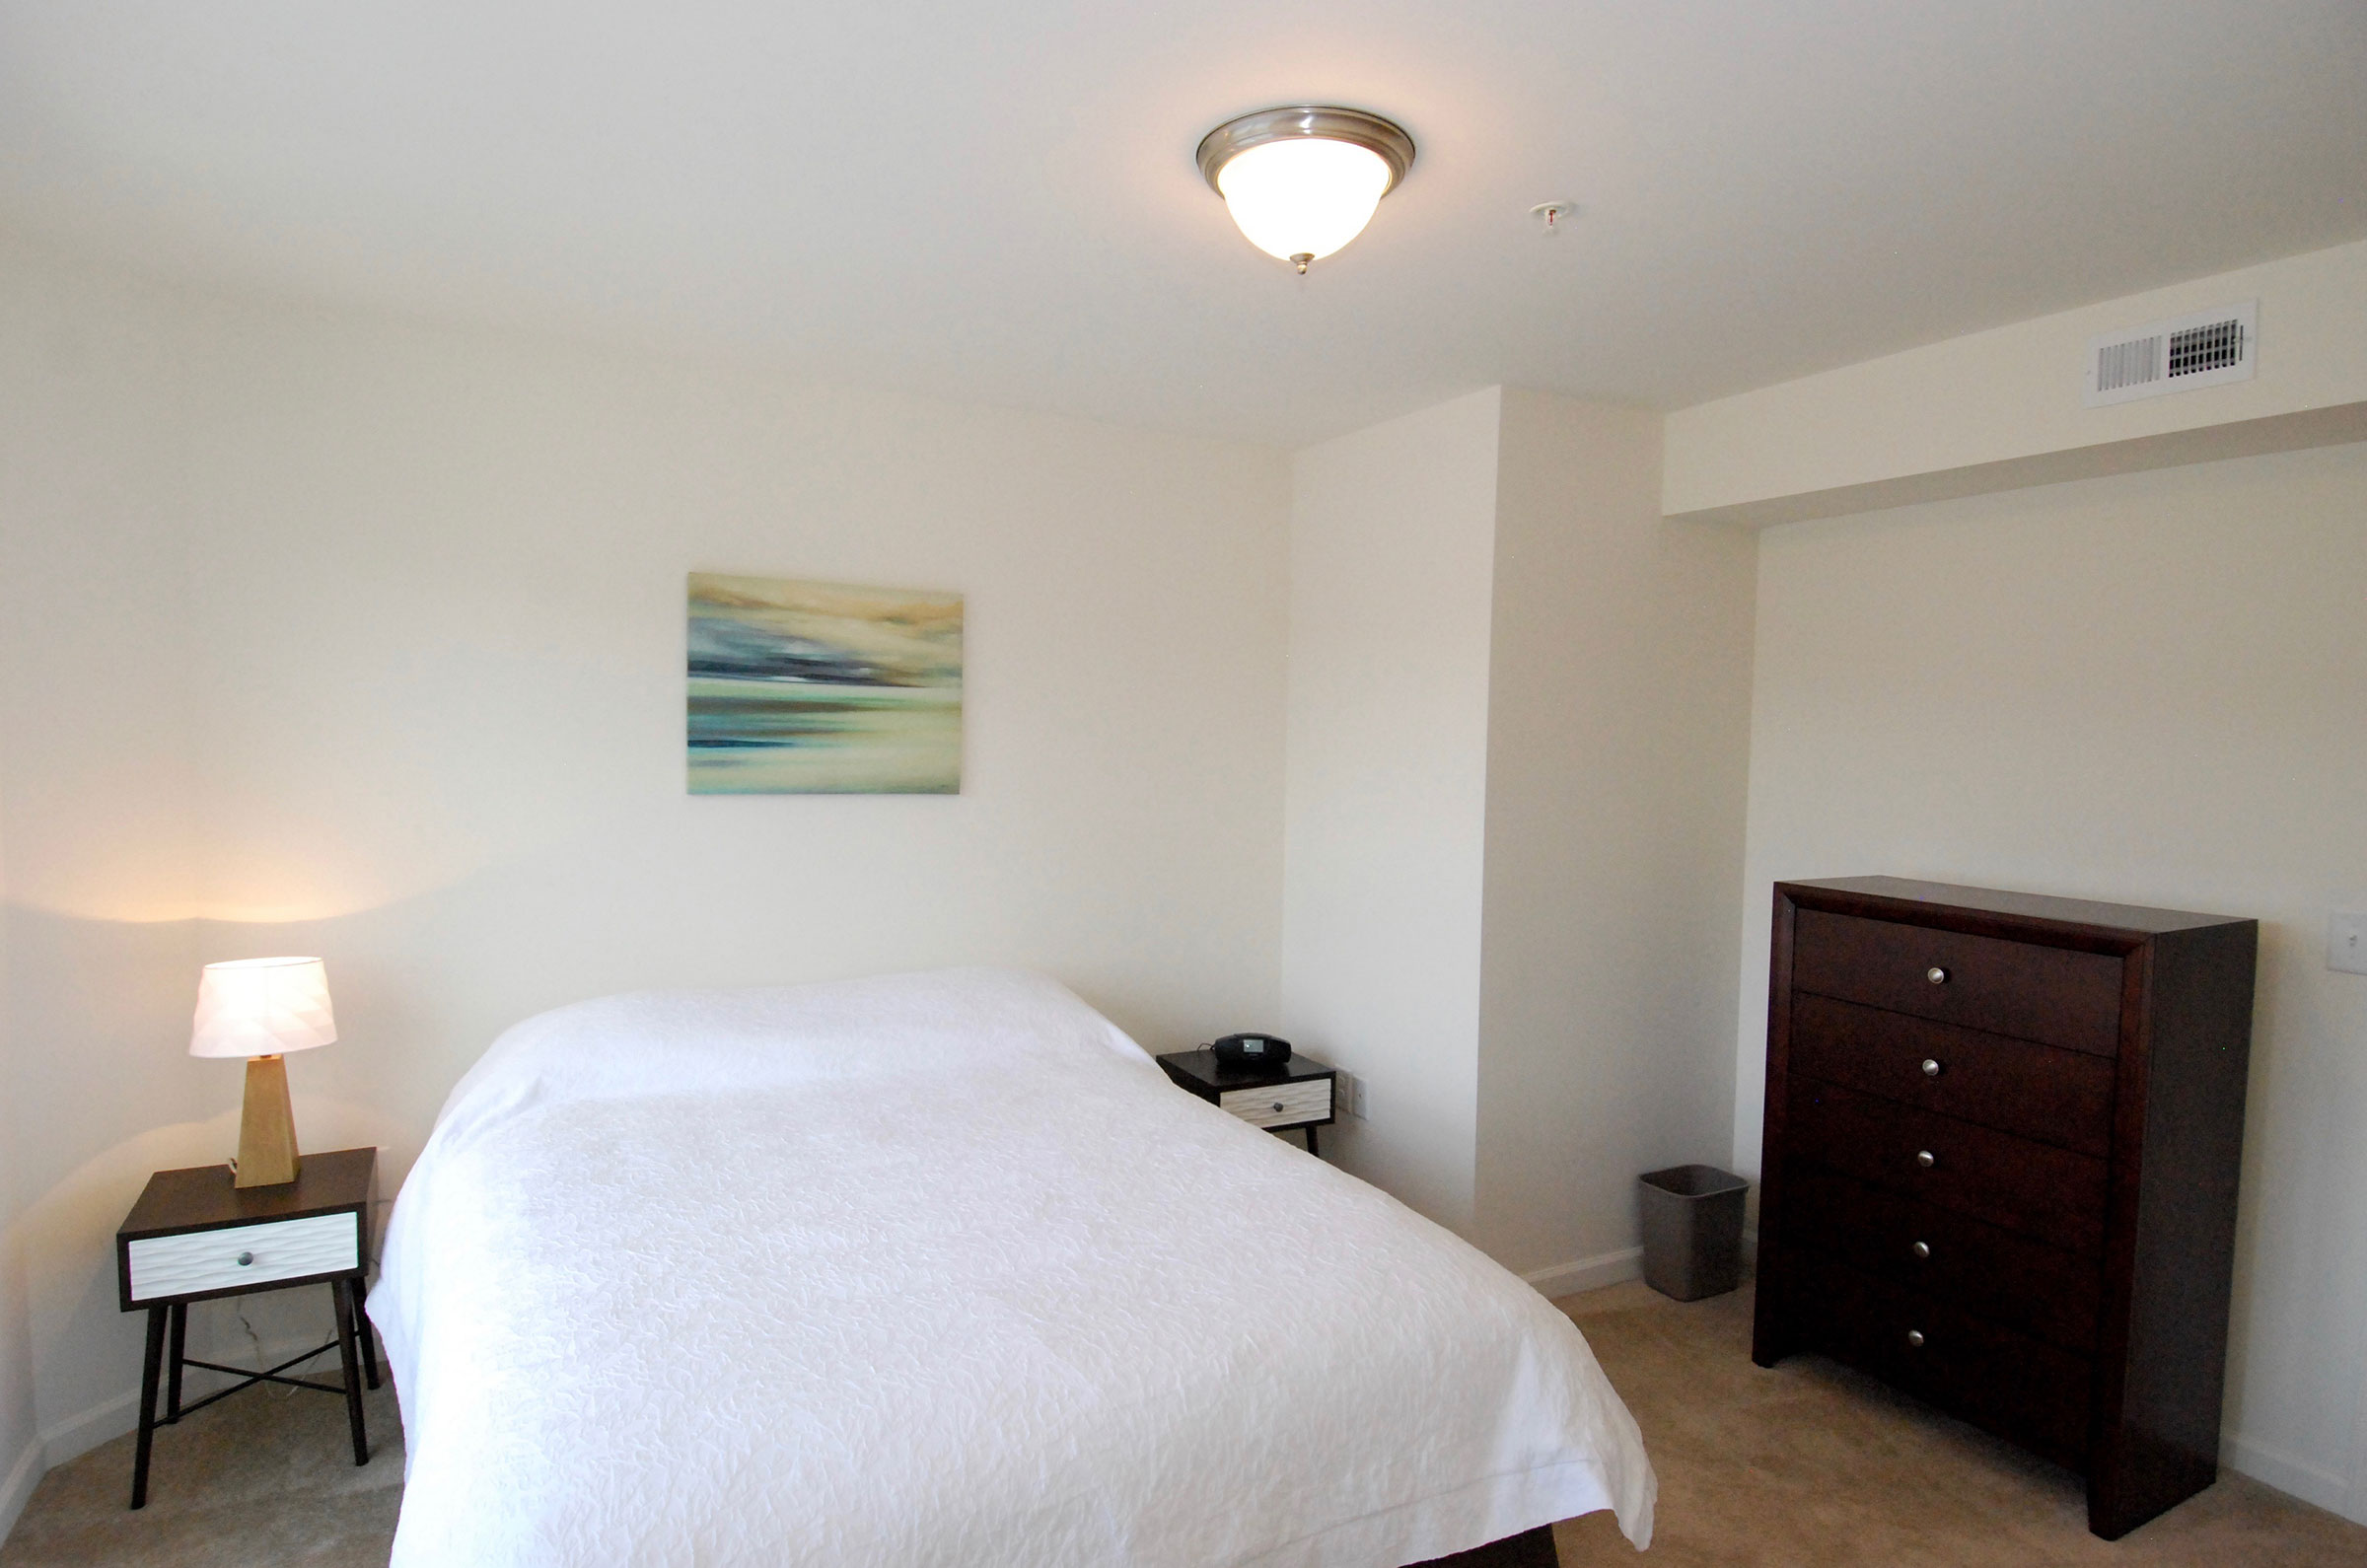 corporate apt bedroom